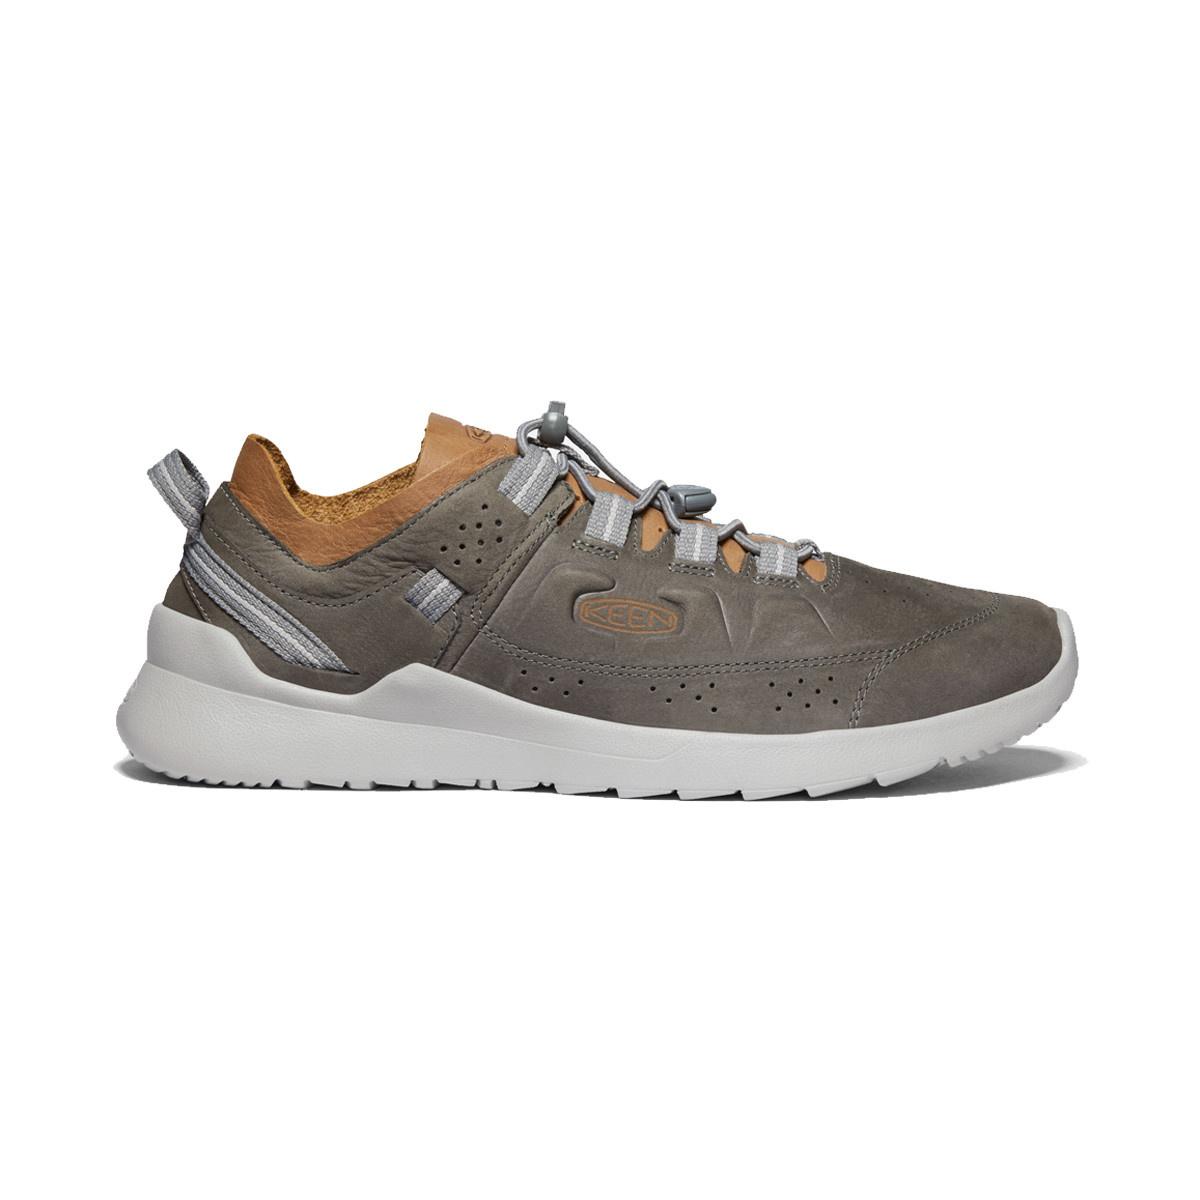 Keen Footwear Keen Men's Highland Leather Steel Grey / Drizzle